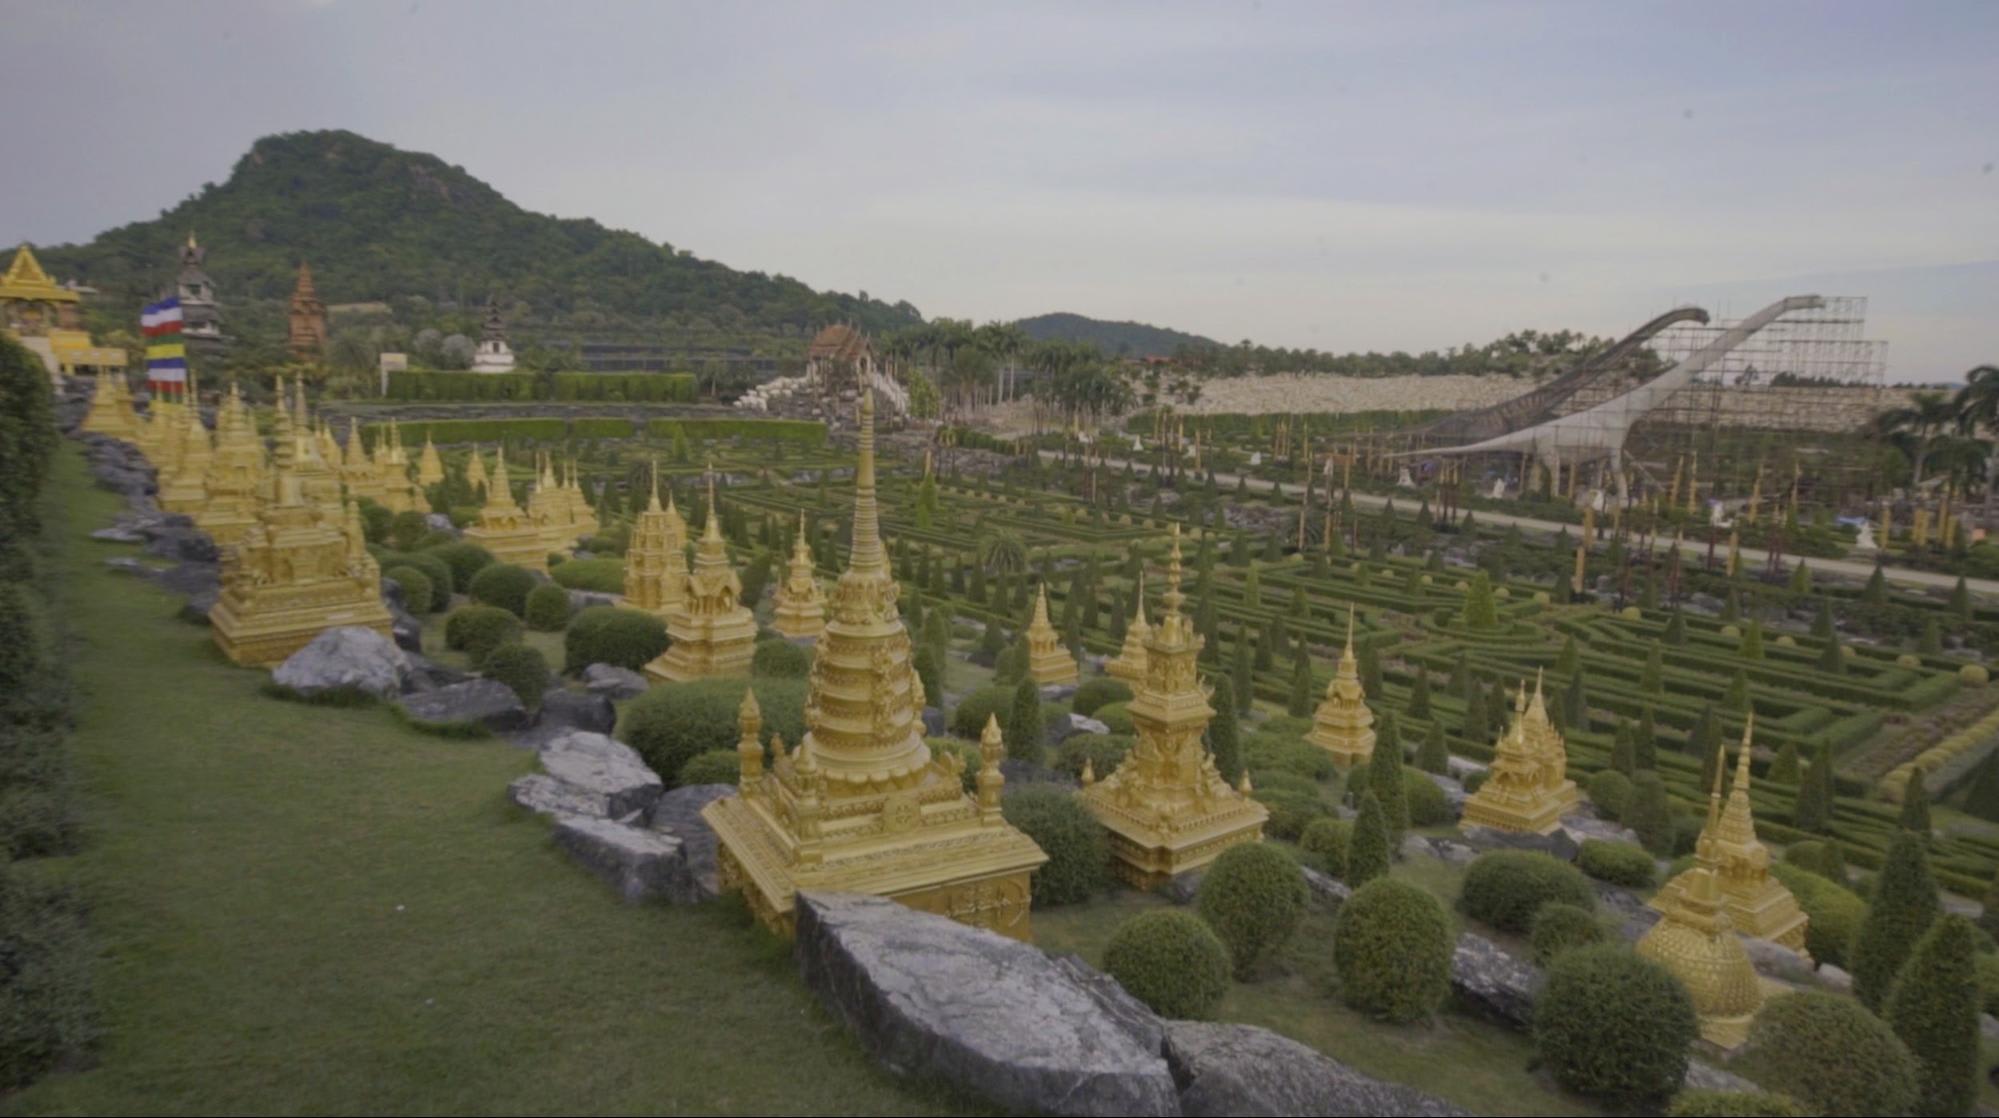 SAM YG Bangkok nong nooch garden